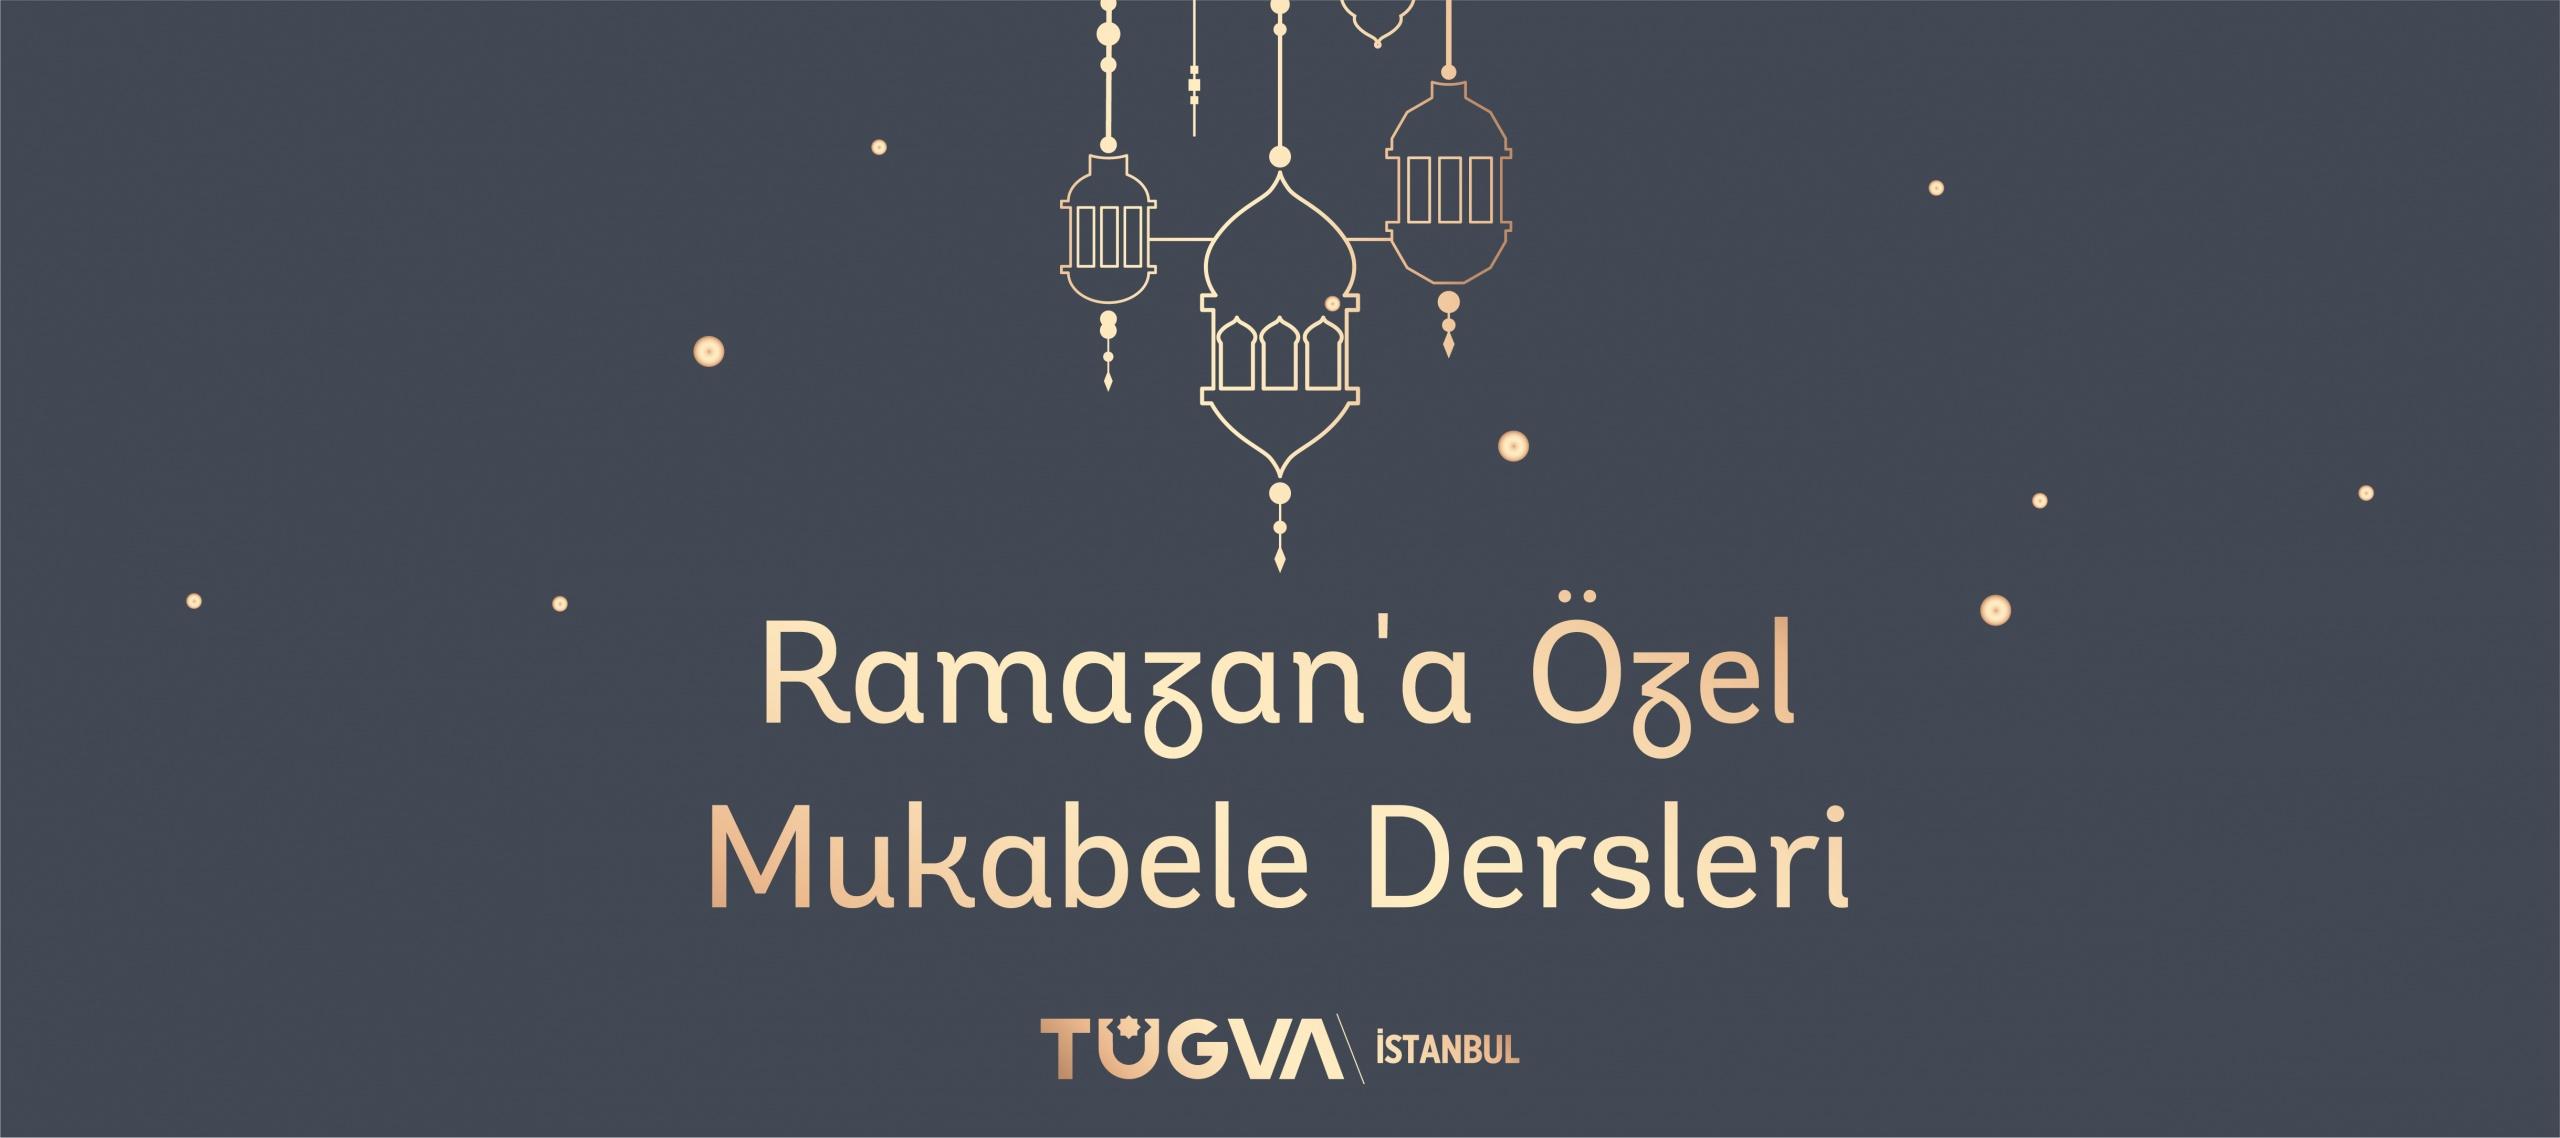 Ramazan'a Özel Mukabele Dersleri